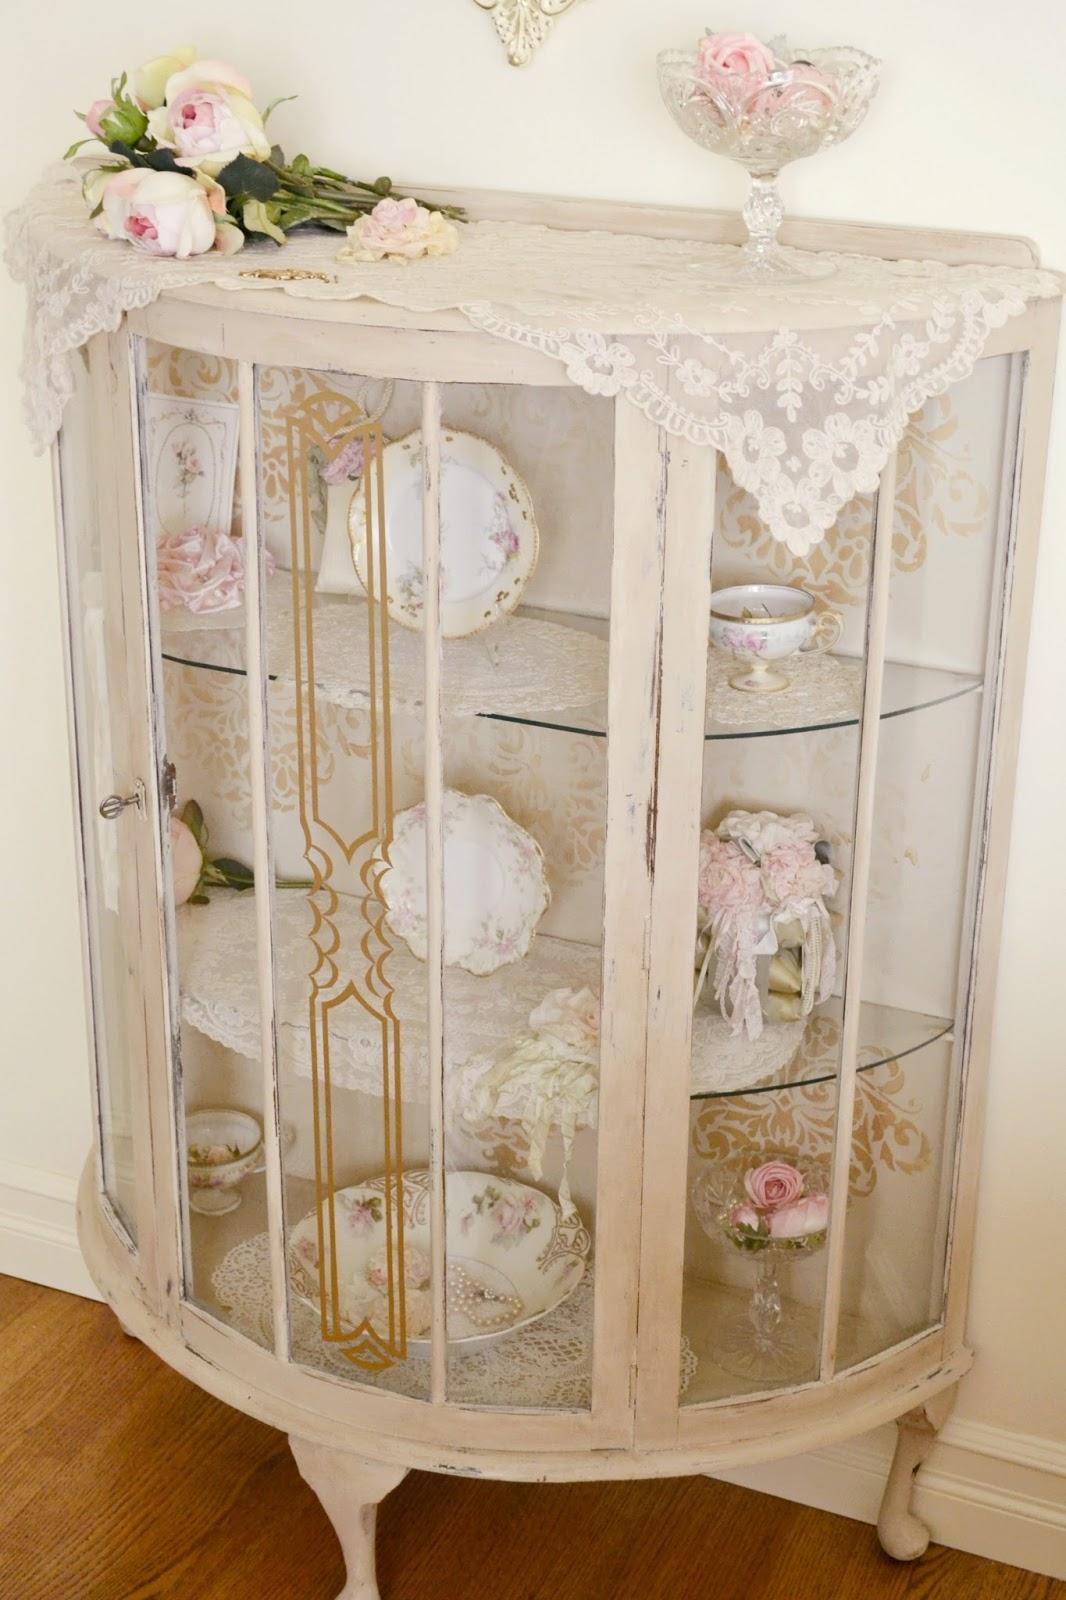 jennelise antique china cabinet. Black Bedroom Furniture Sets. Home Design Ideas